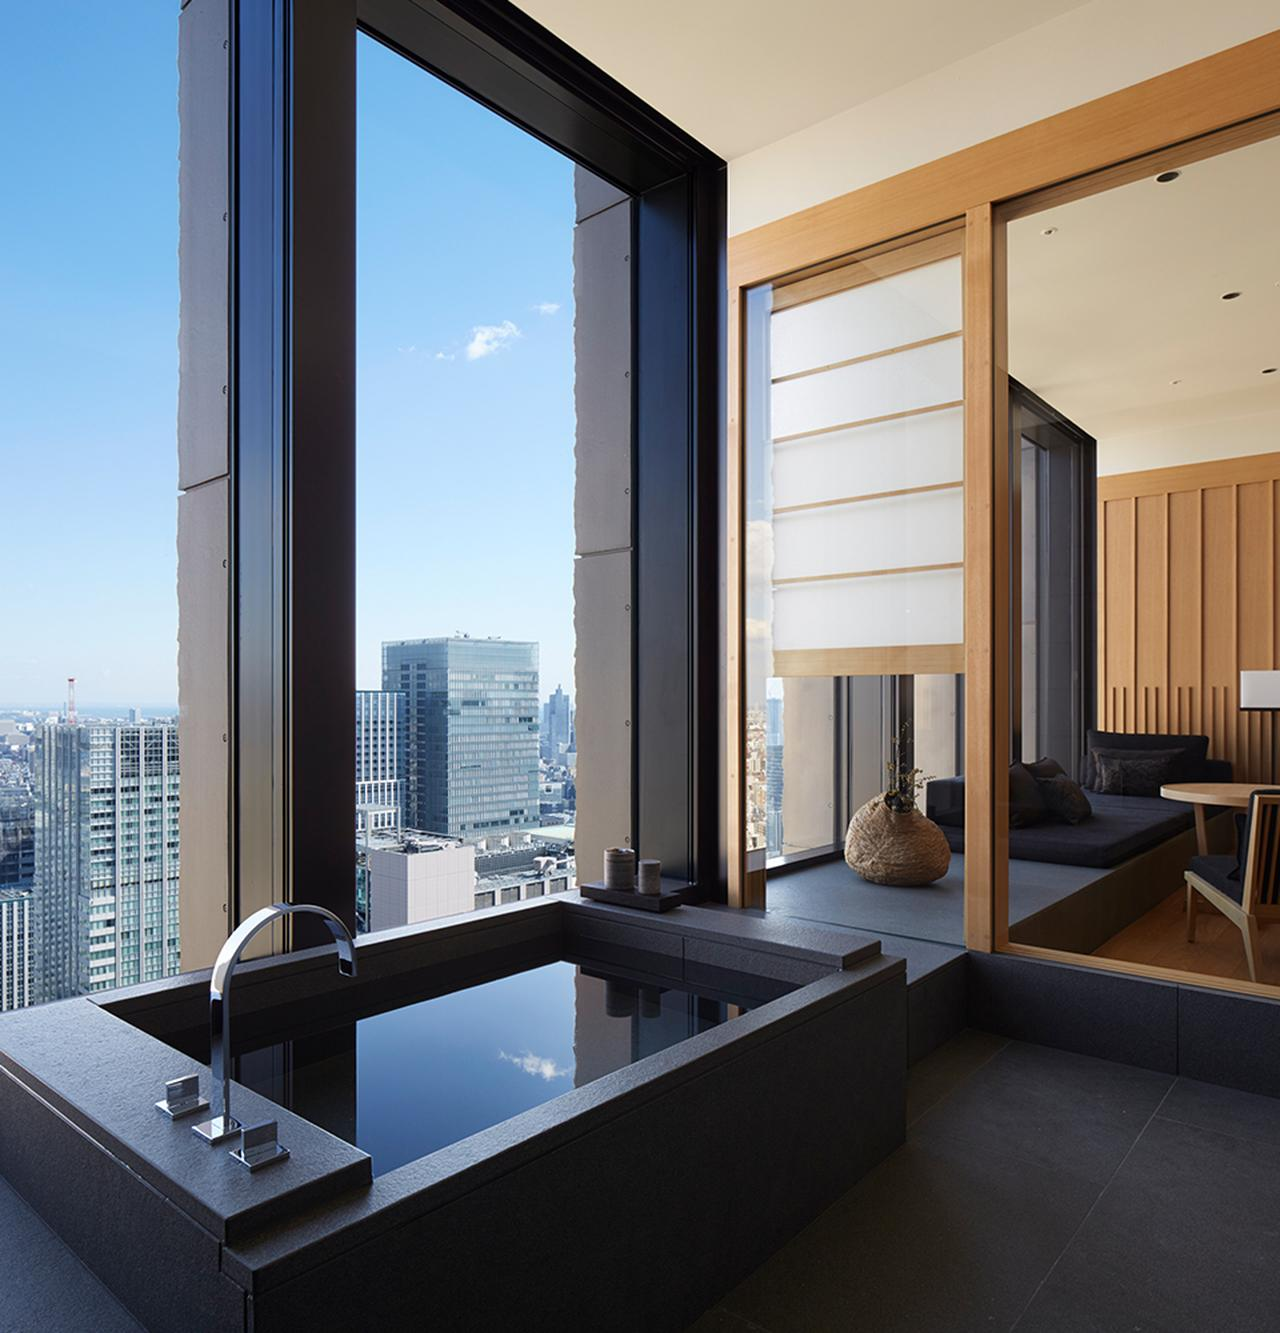 Images : スイートのバスルーム